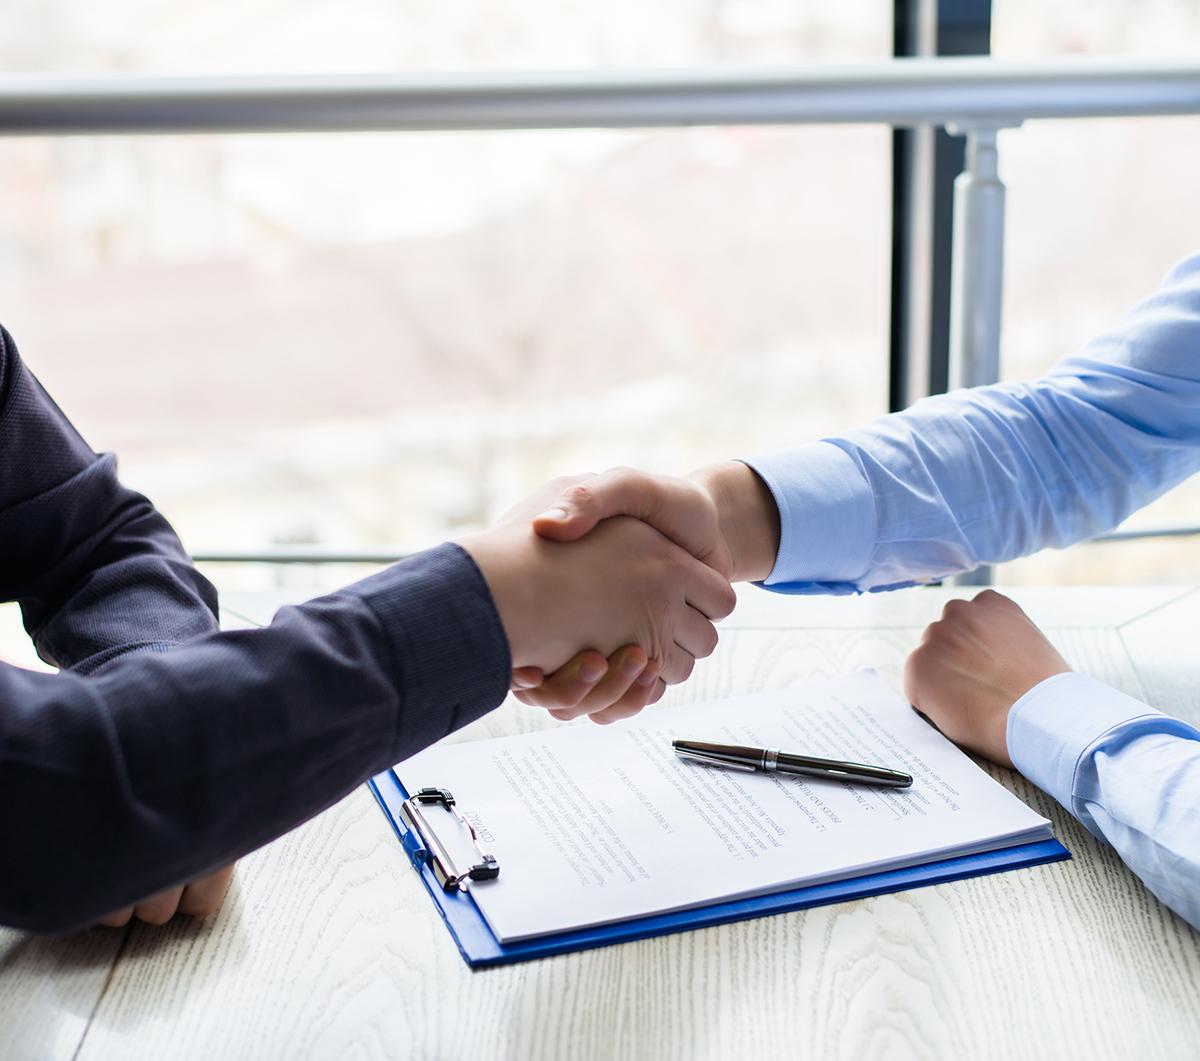 В каком порядке заключается договор купли-продажи?